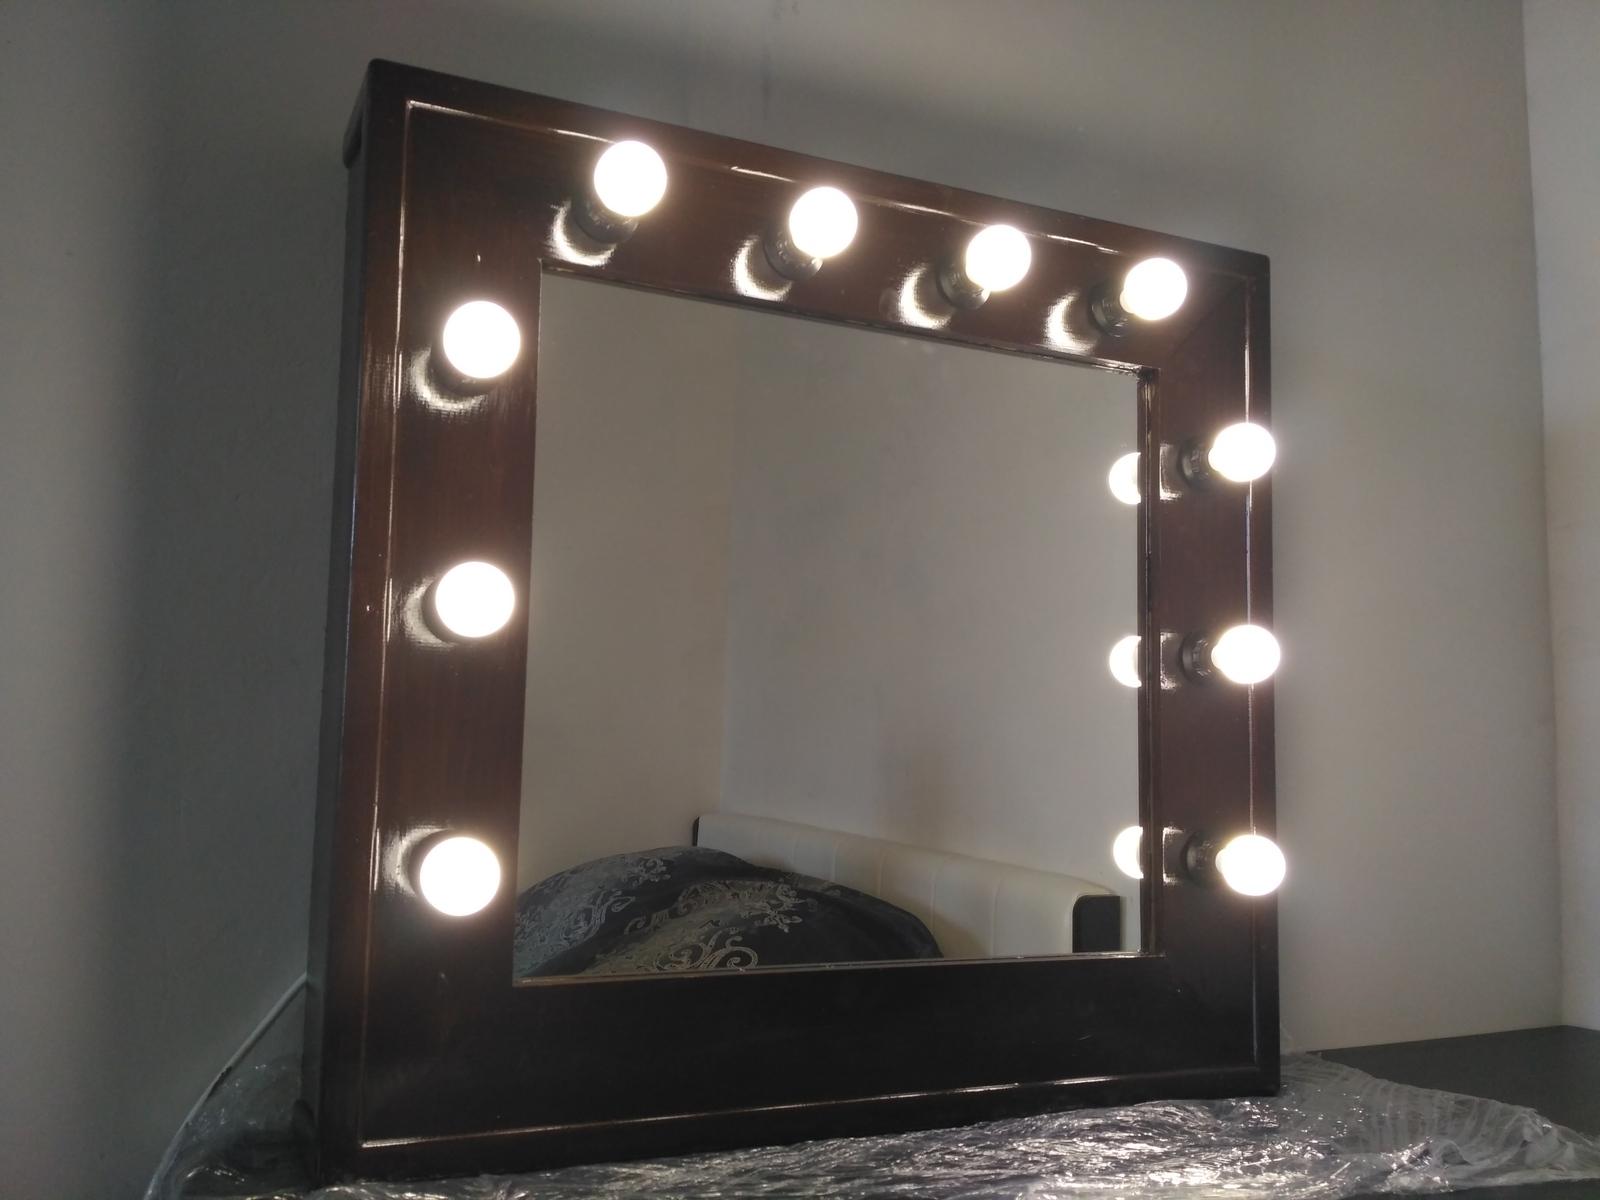 Гримерное зеркало с лампочками своими руками фото 909